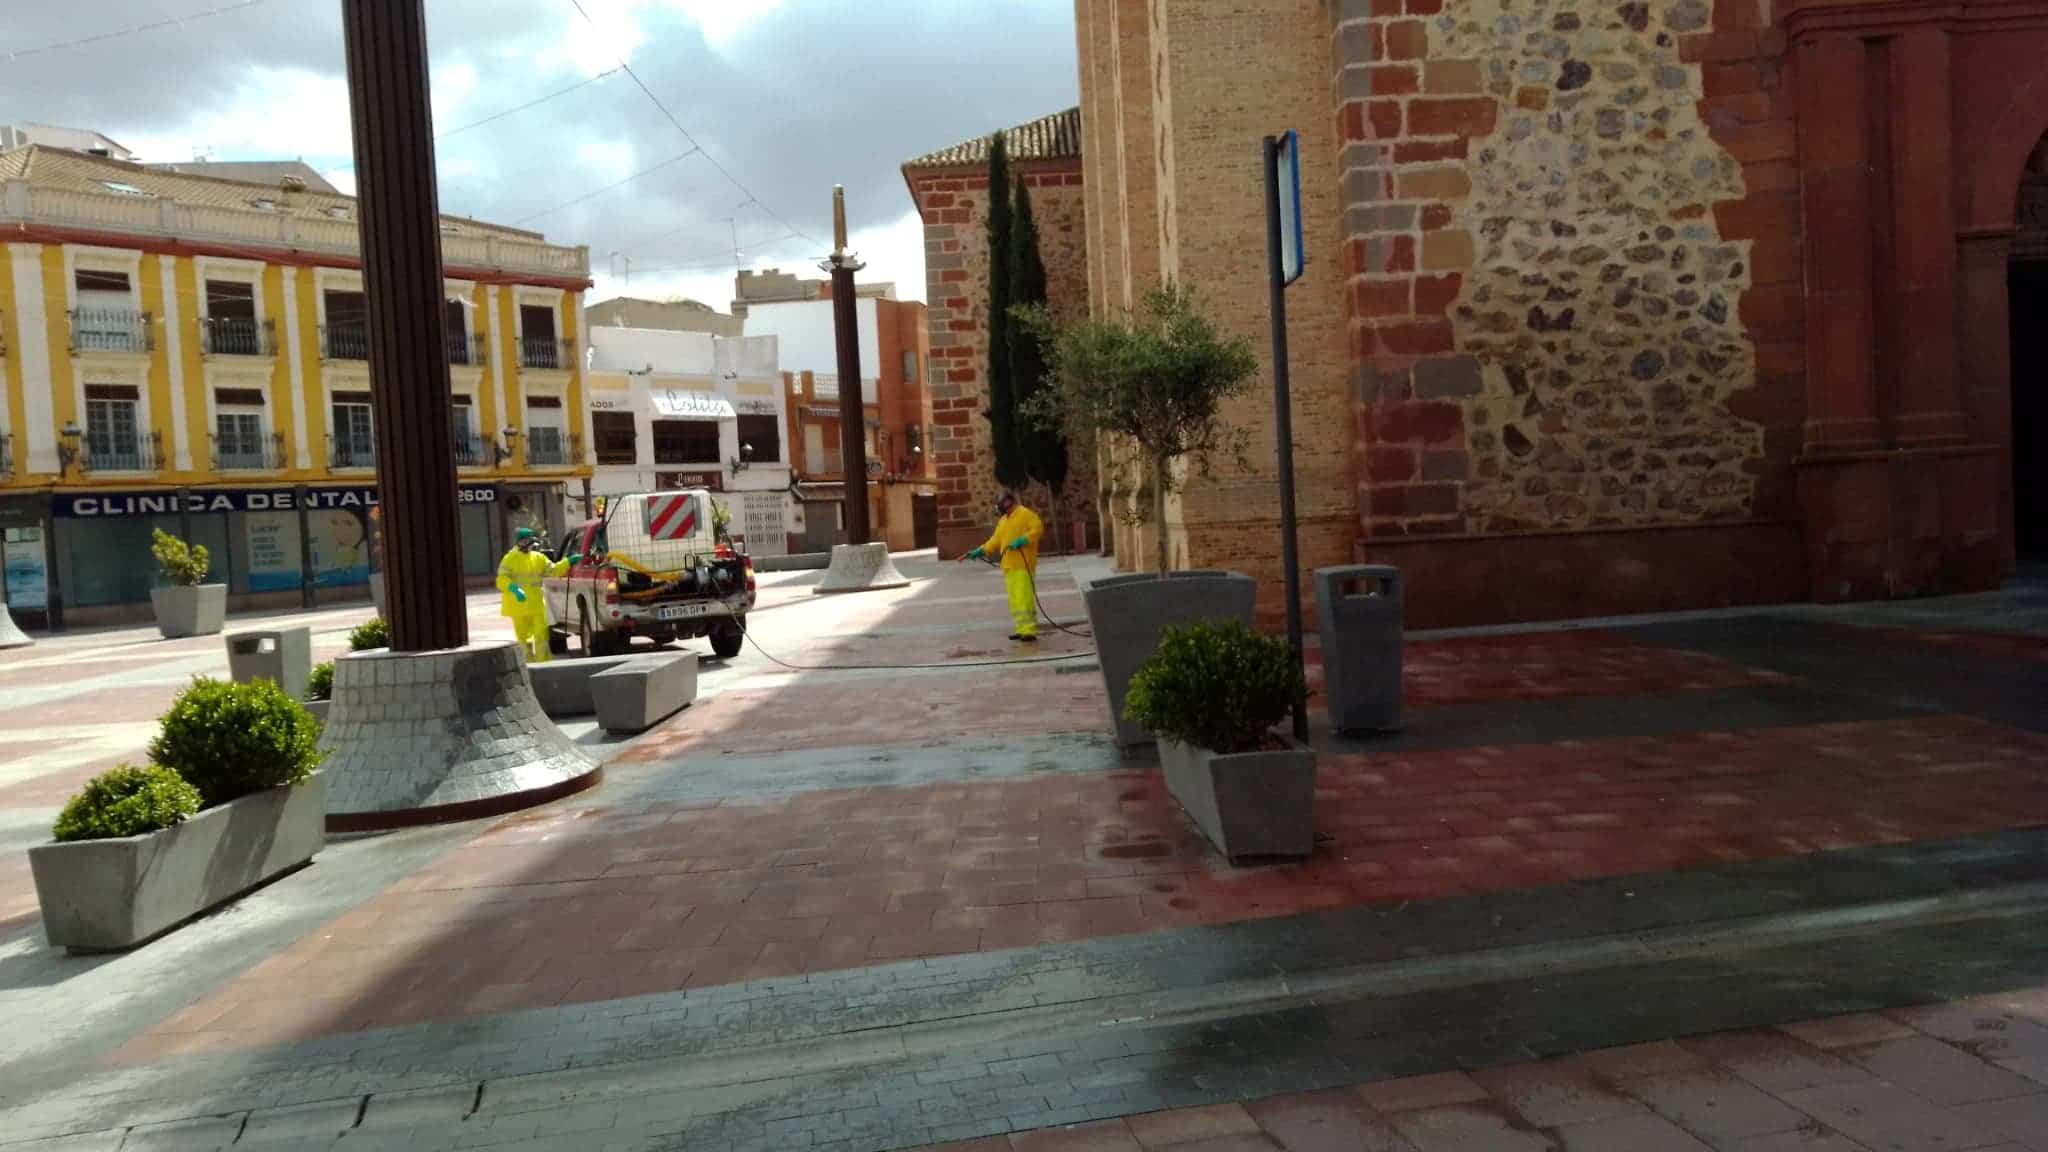 desinfeccion coronavirus herencia plaza espana - Continuan las labores de desinfección en la Plaza de España, Convento y Cervantes